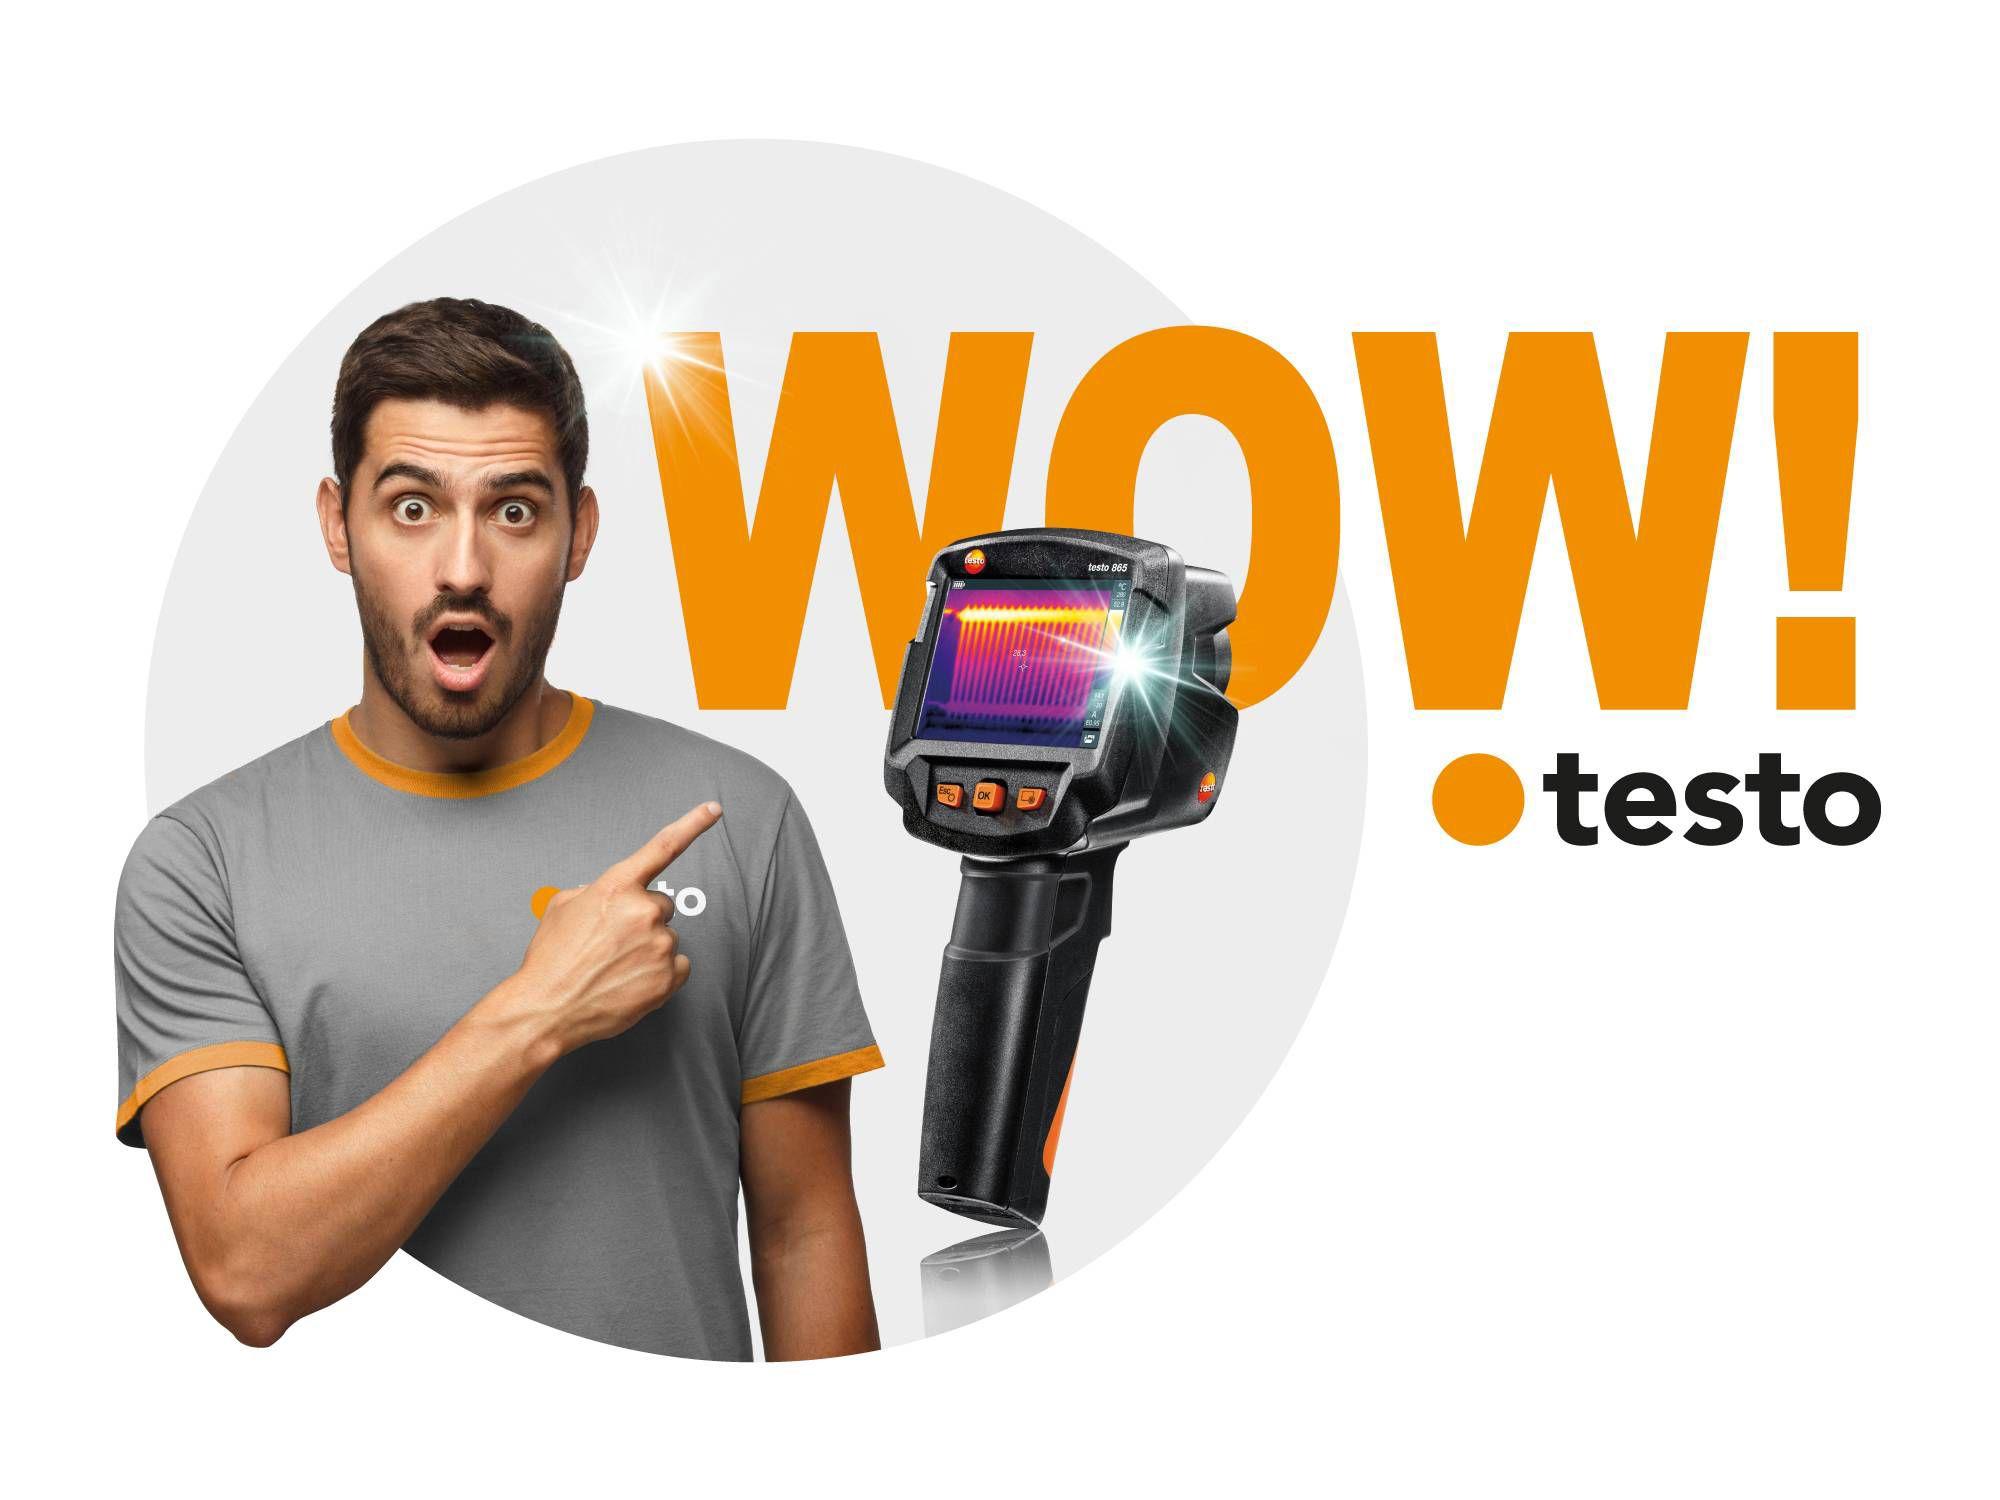 Cámara termográfica testo 865 campaña wow-features